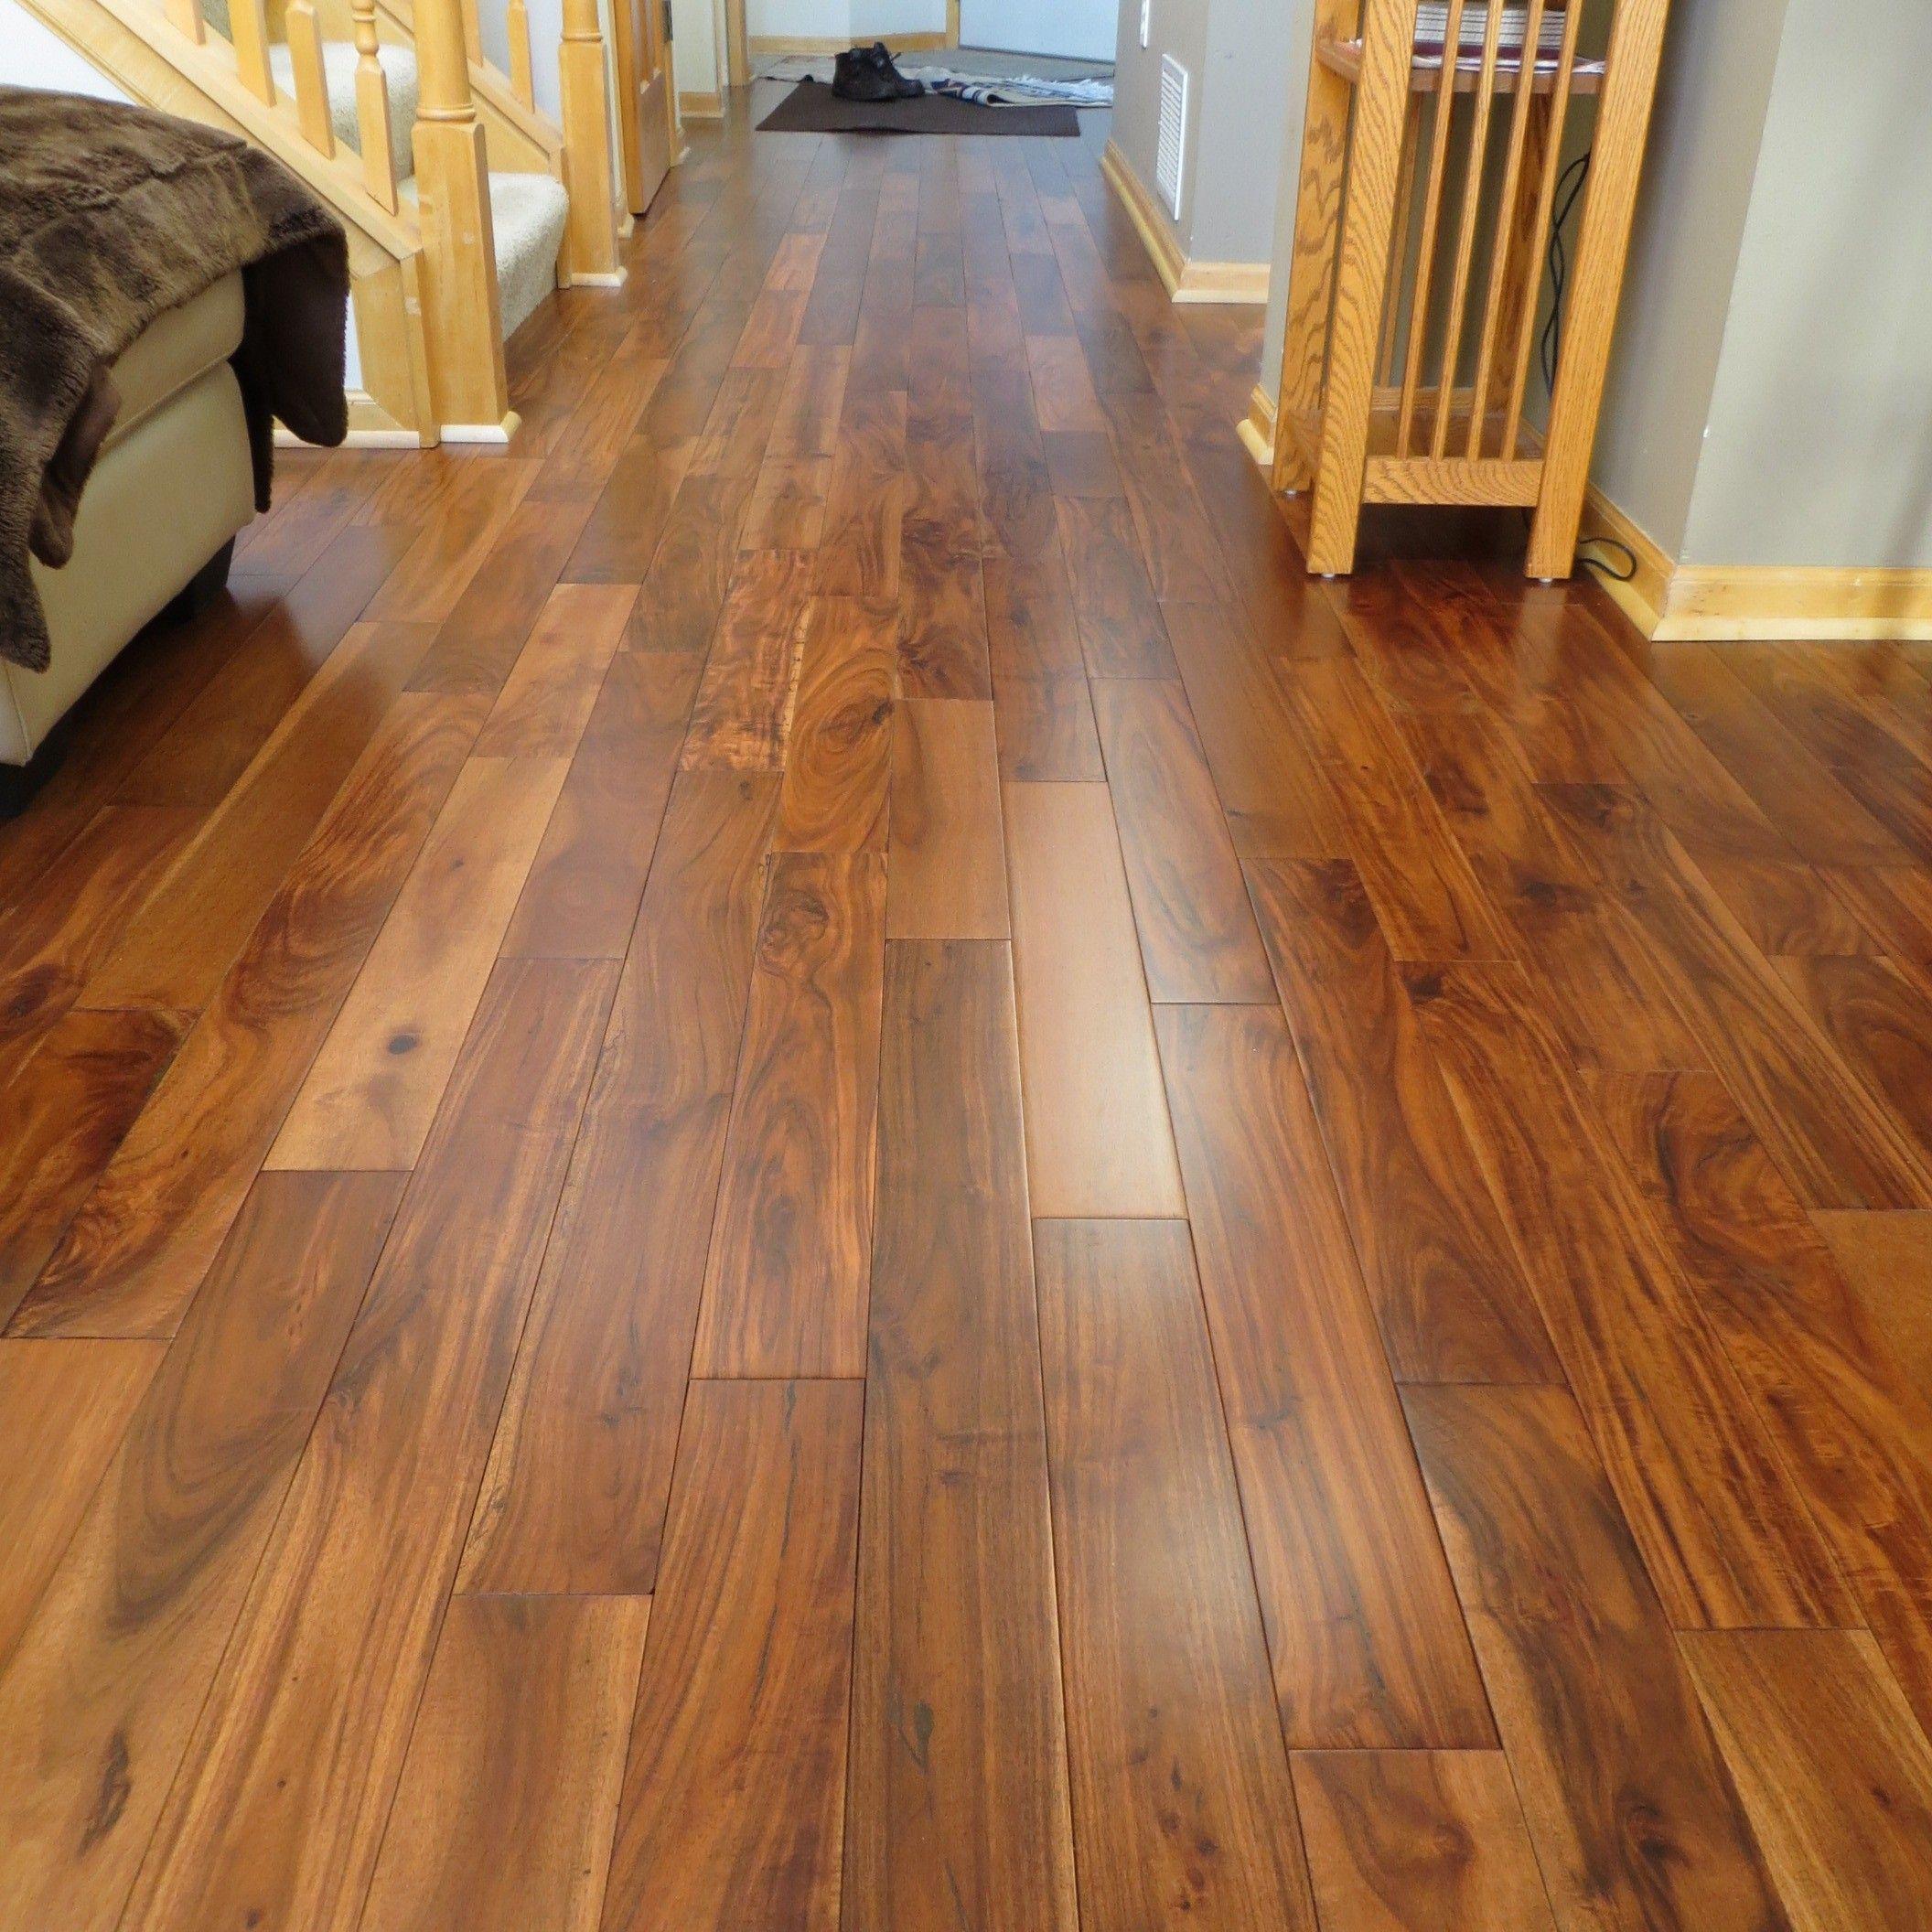 hardwood flooring dimensions of acacia wood flooring laminate wood flooring lowes laminate flooring for acacia asian walnut bronze plank hardwood flooring i loooooove this floor